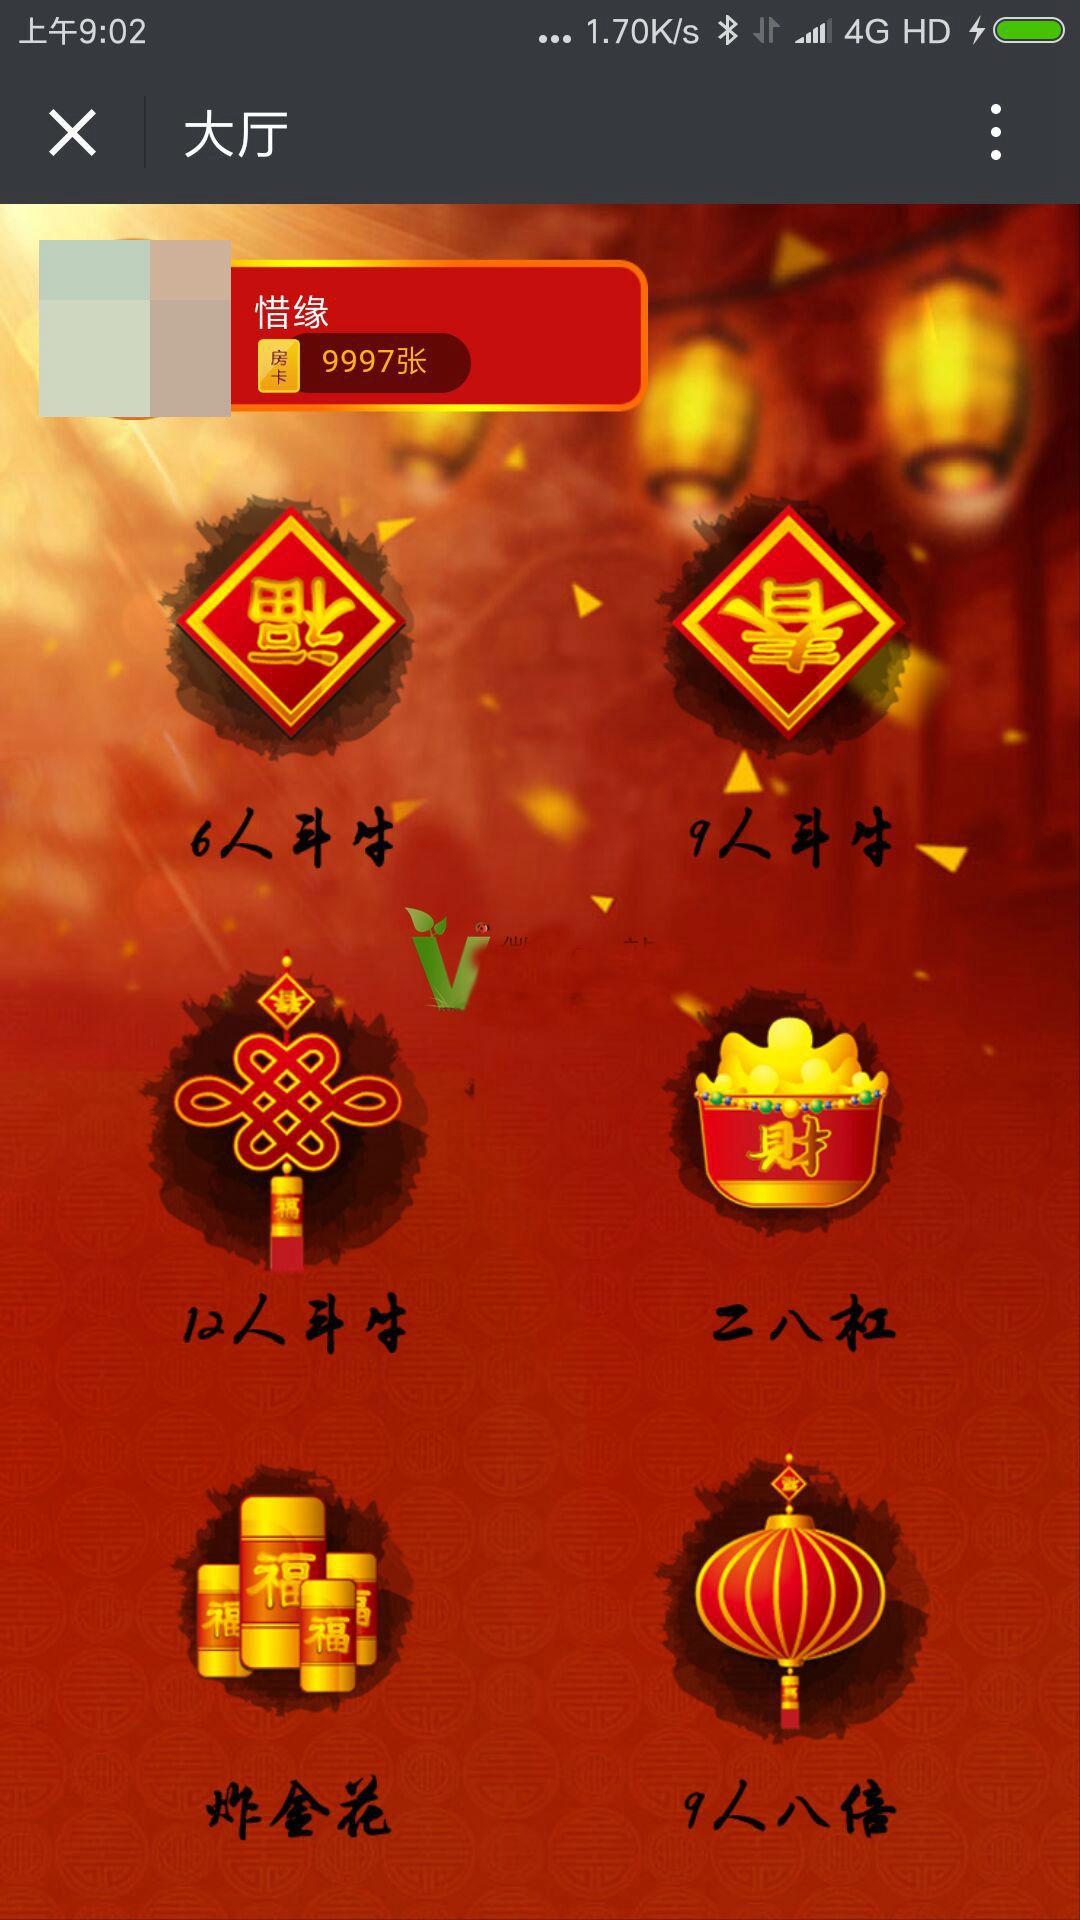 最新H5源码 五神兽 道游互娱 欢乐大厅 娱乐大厅 联合大厅源码 H5-第4张